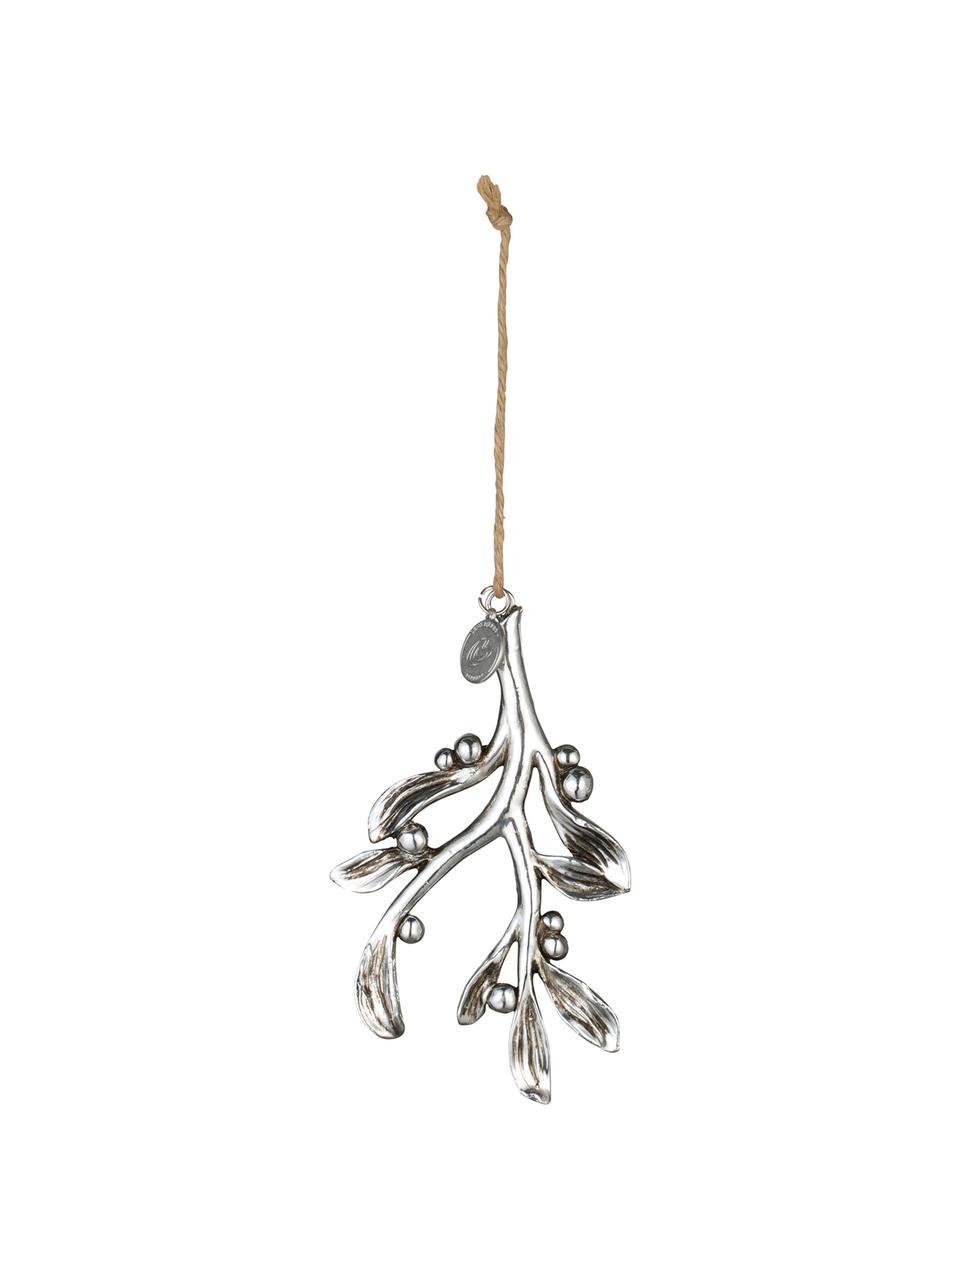 Baumanhänger Serafina Mistletoe H 11 cm, 2 Stück, Silberfarben, 7 x 11 cm